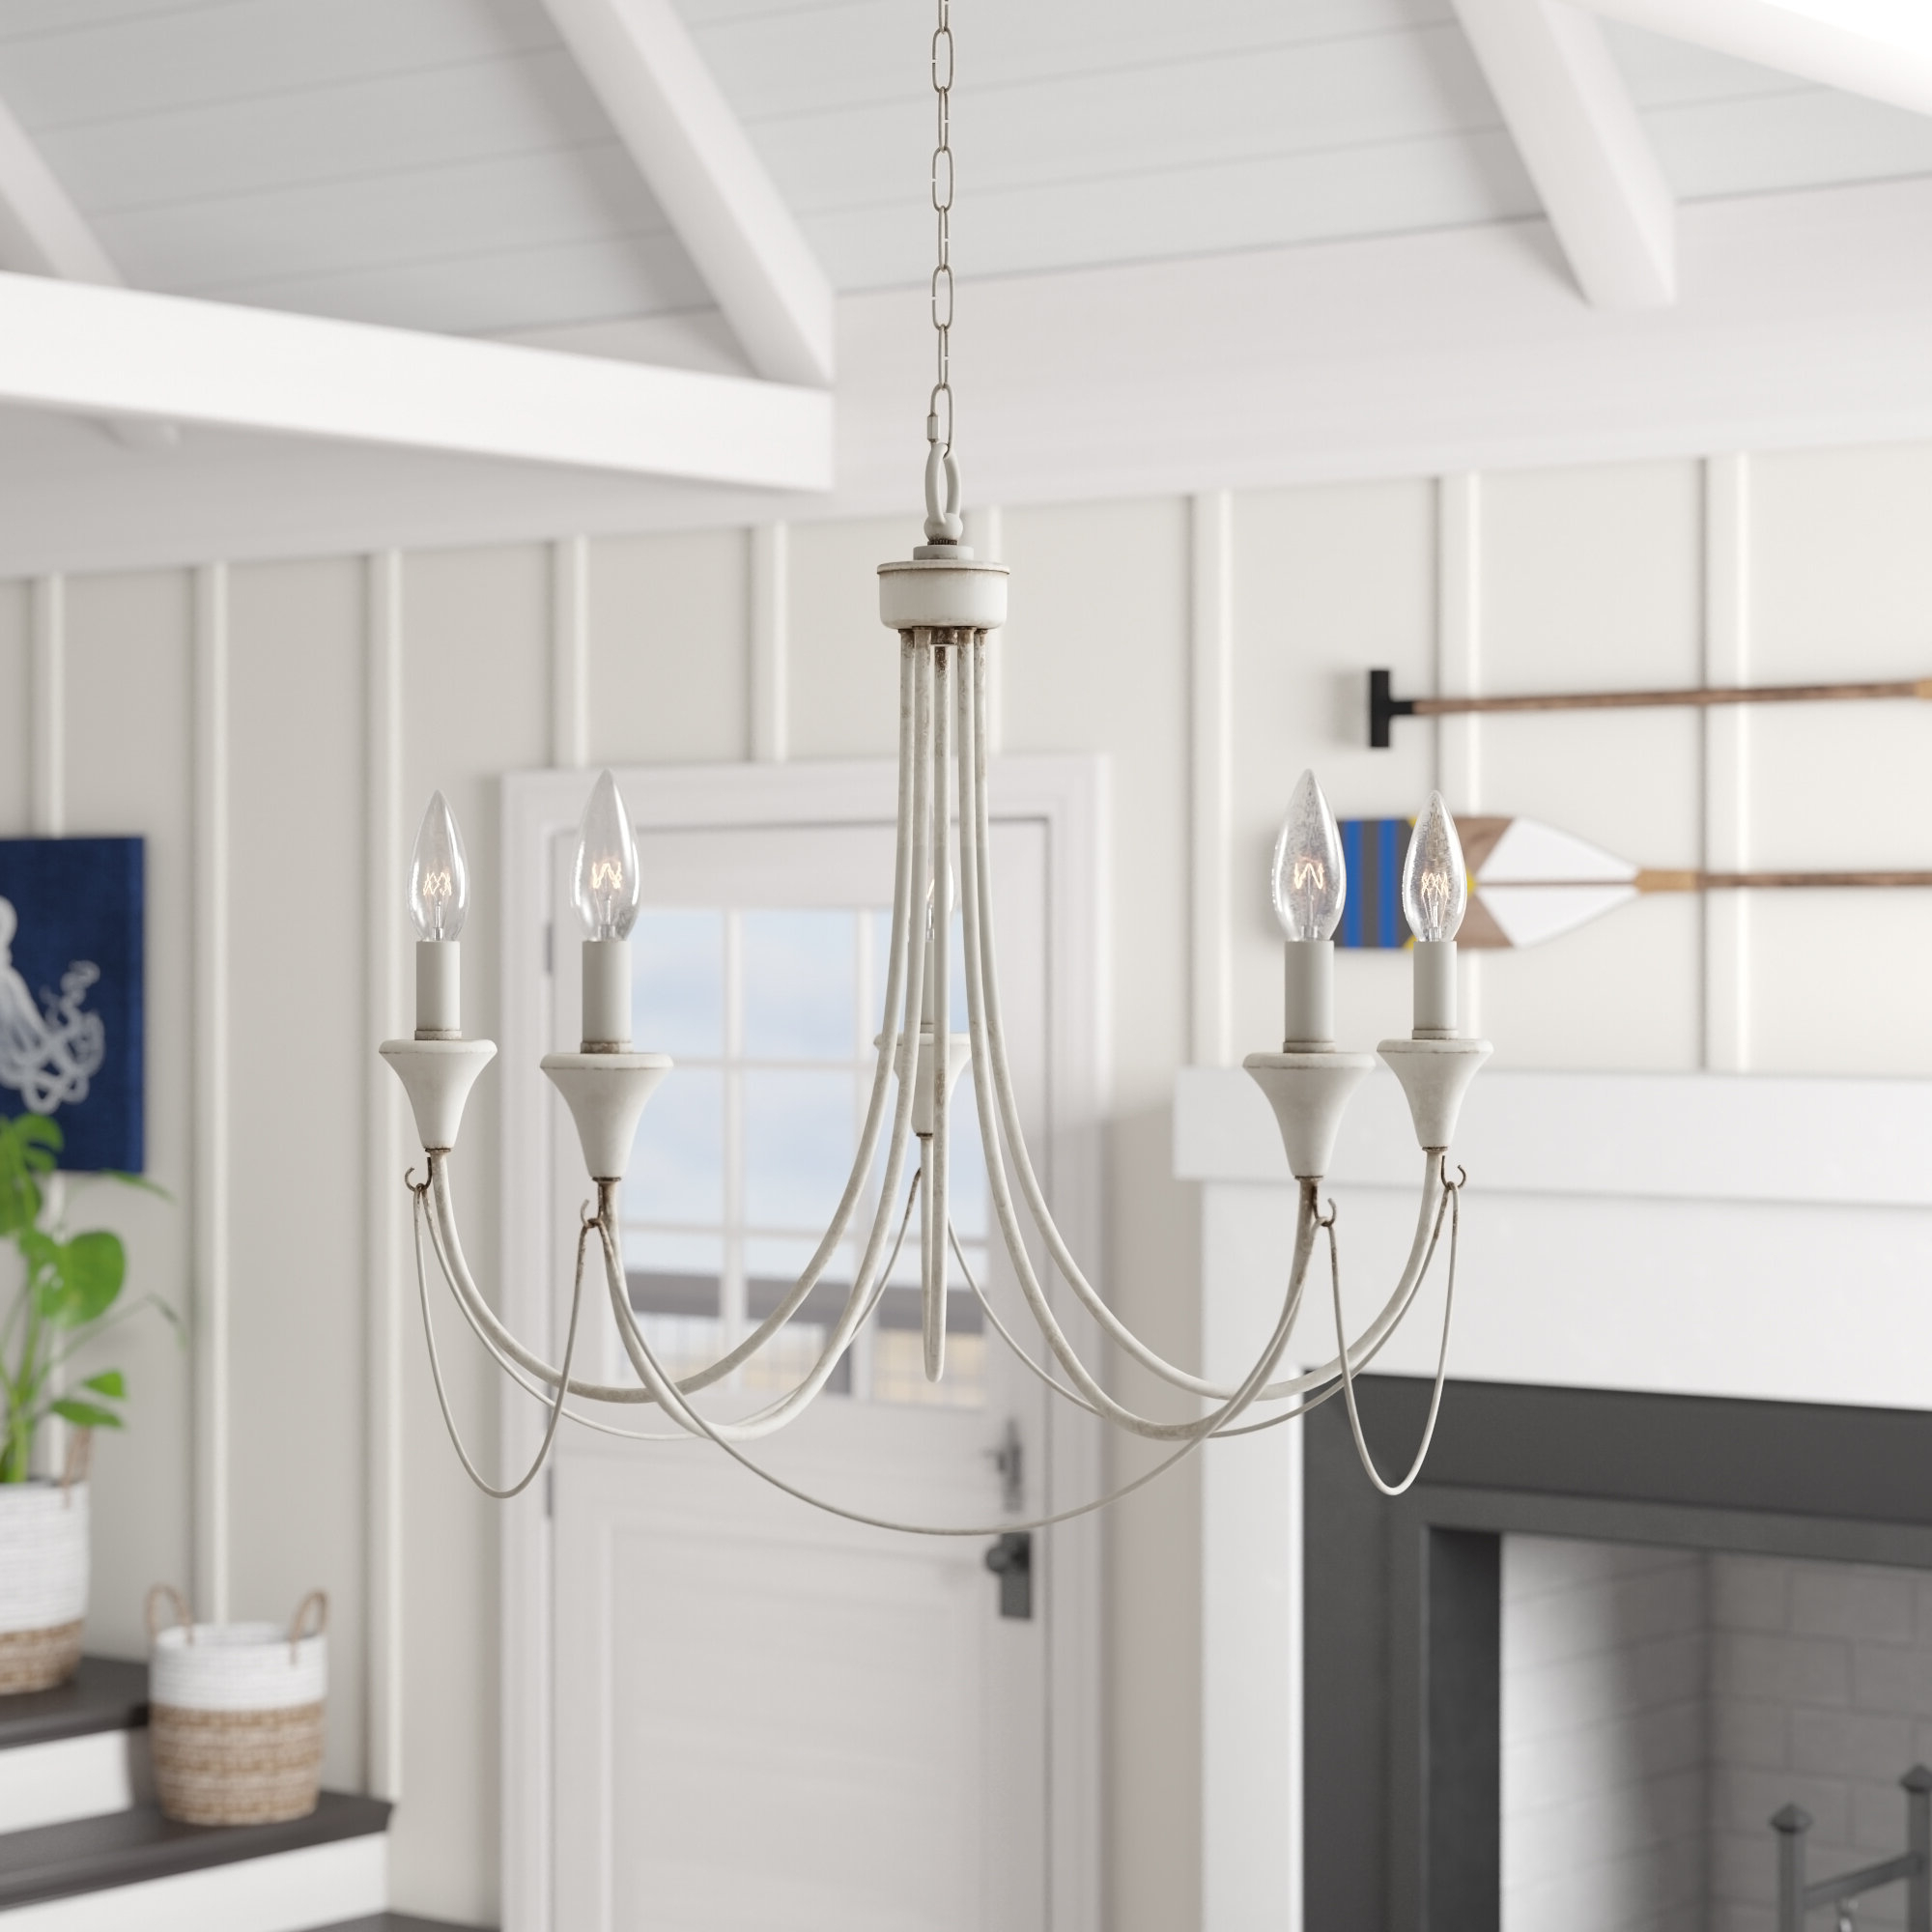 Newest Corneau 5-Light Chandeliers in Breakwater Bay Walczak 5-Light Chandelier